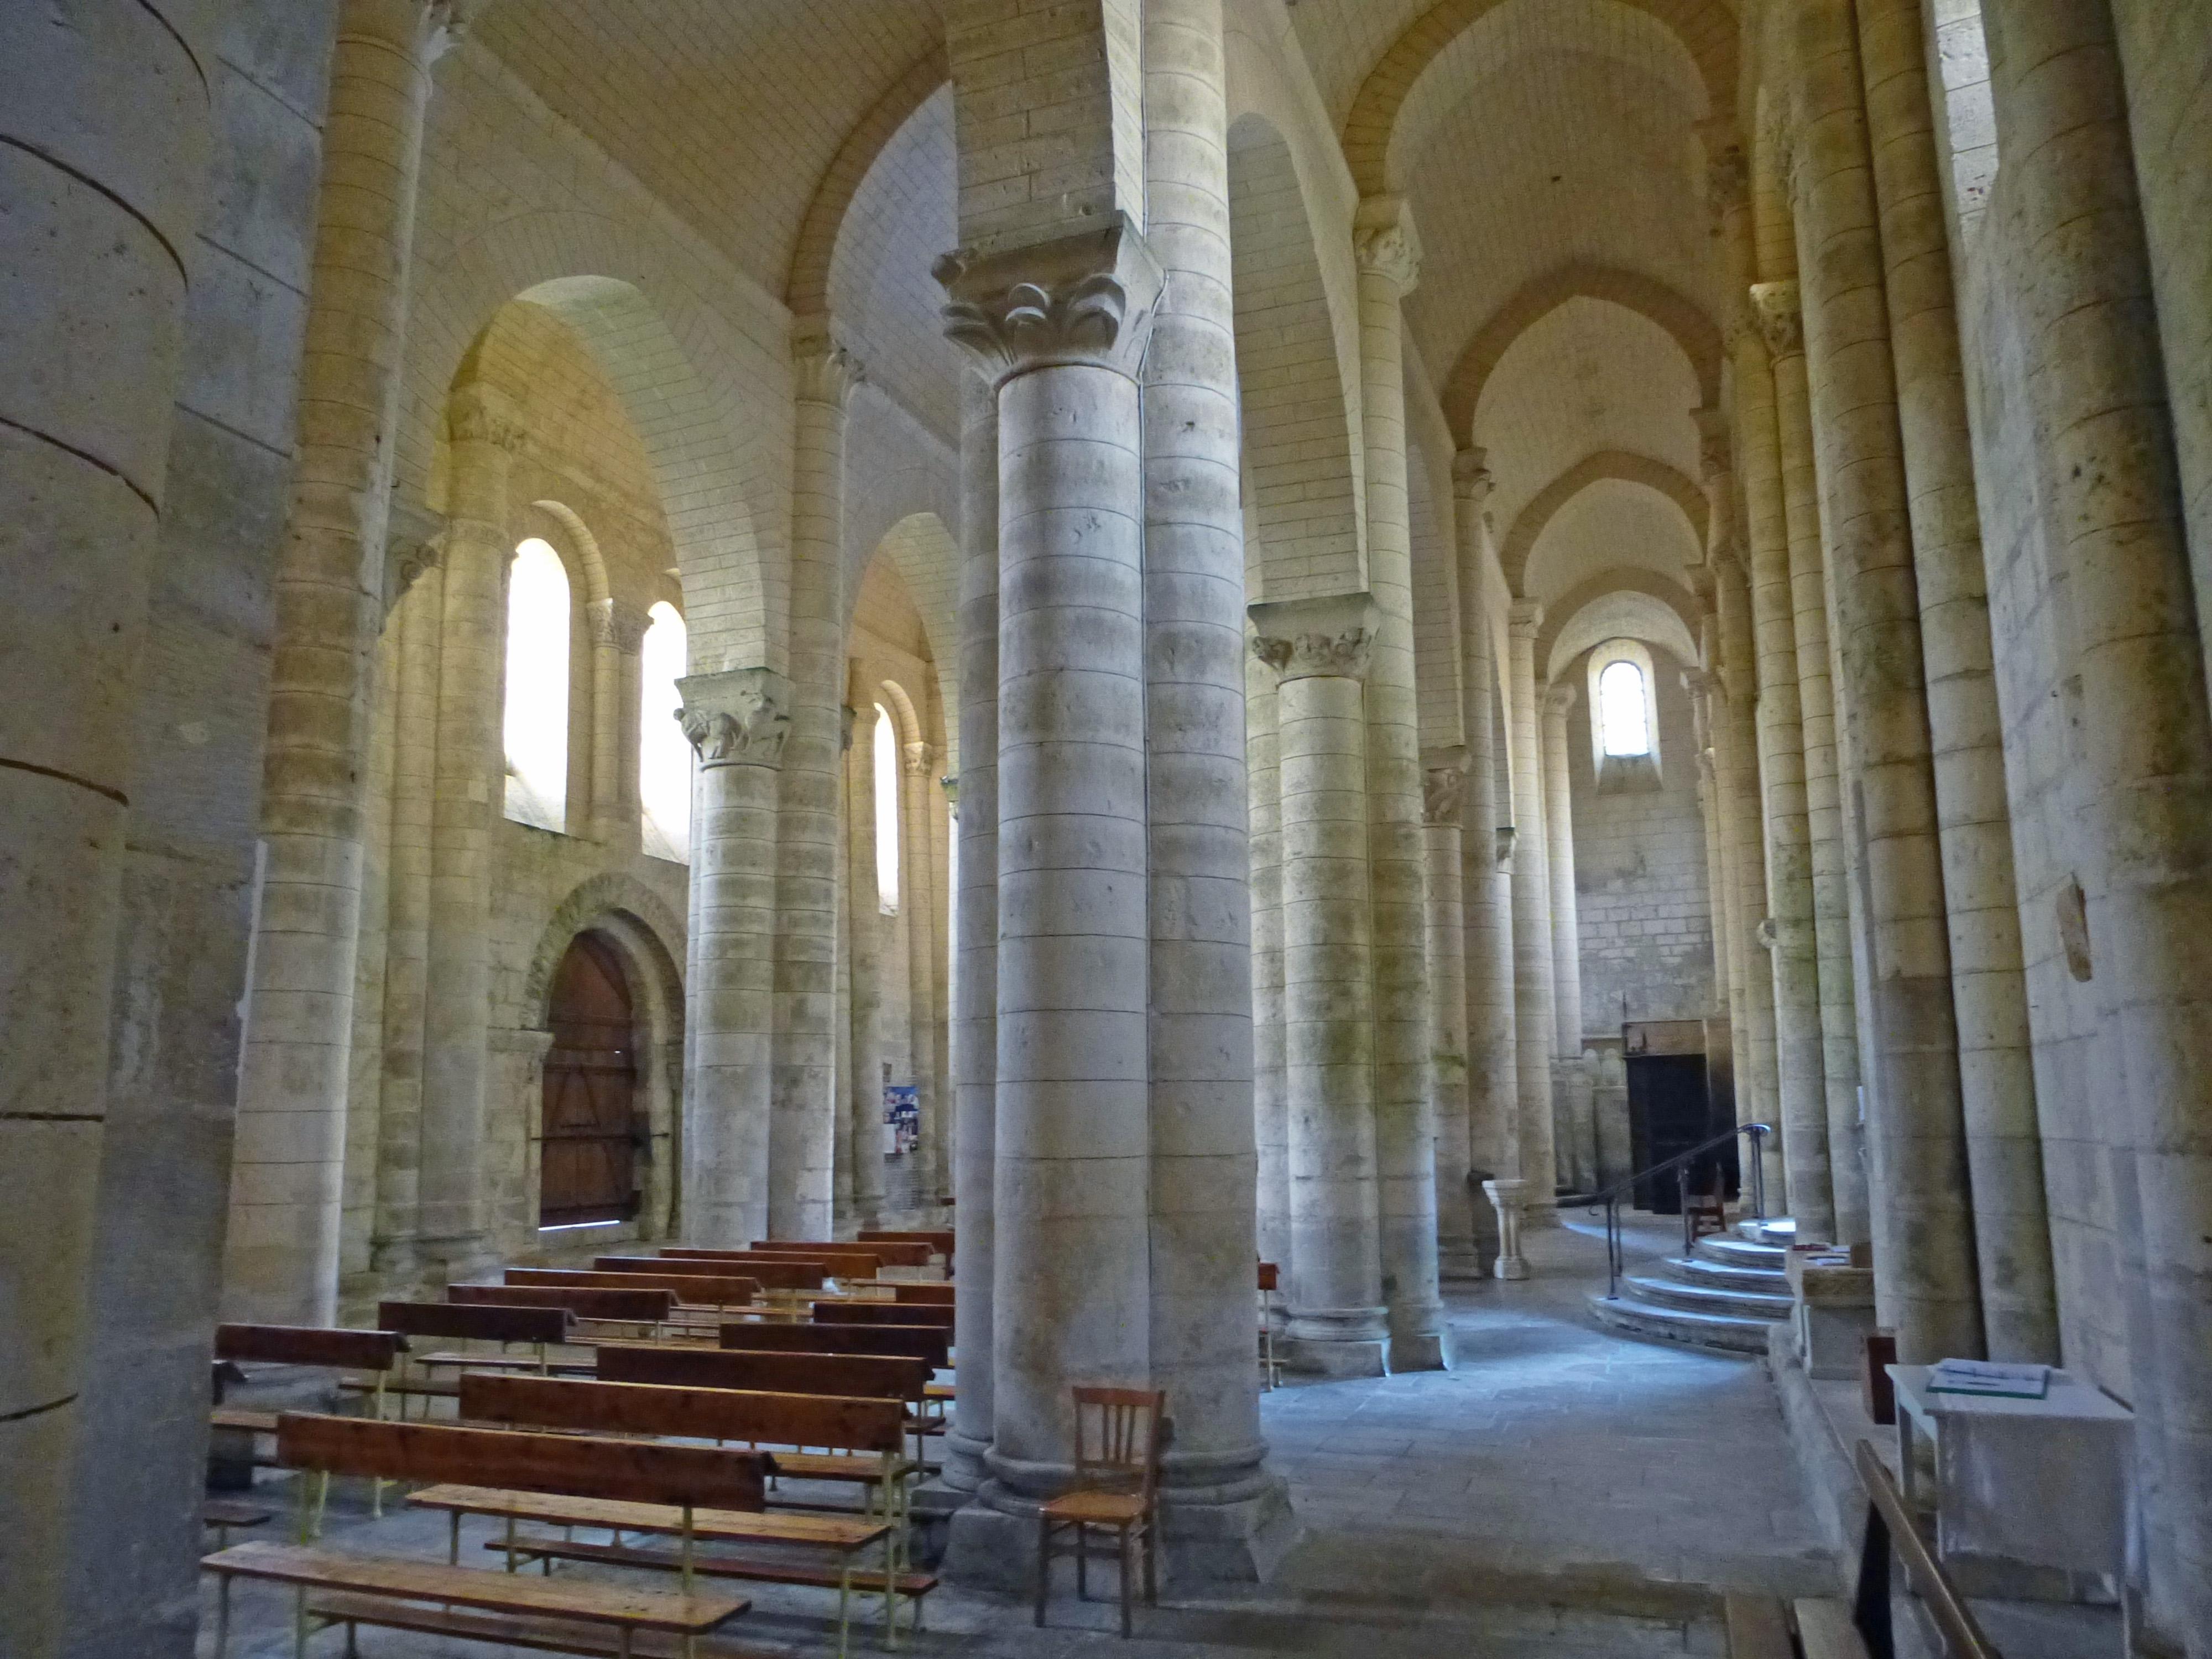 Datei:Melle Saint-Hilaire intérieur.JPG – Wikipedia